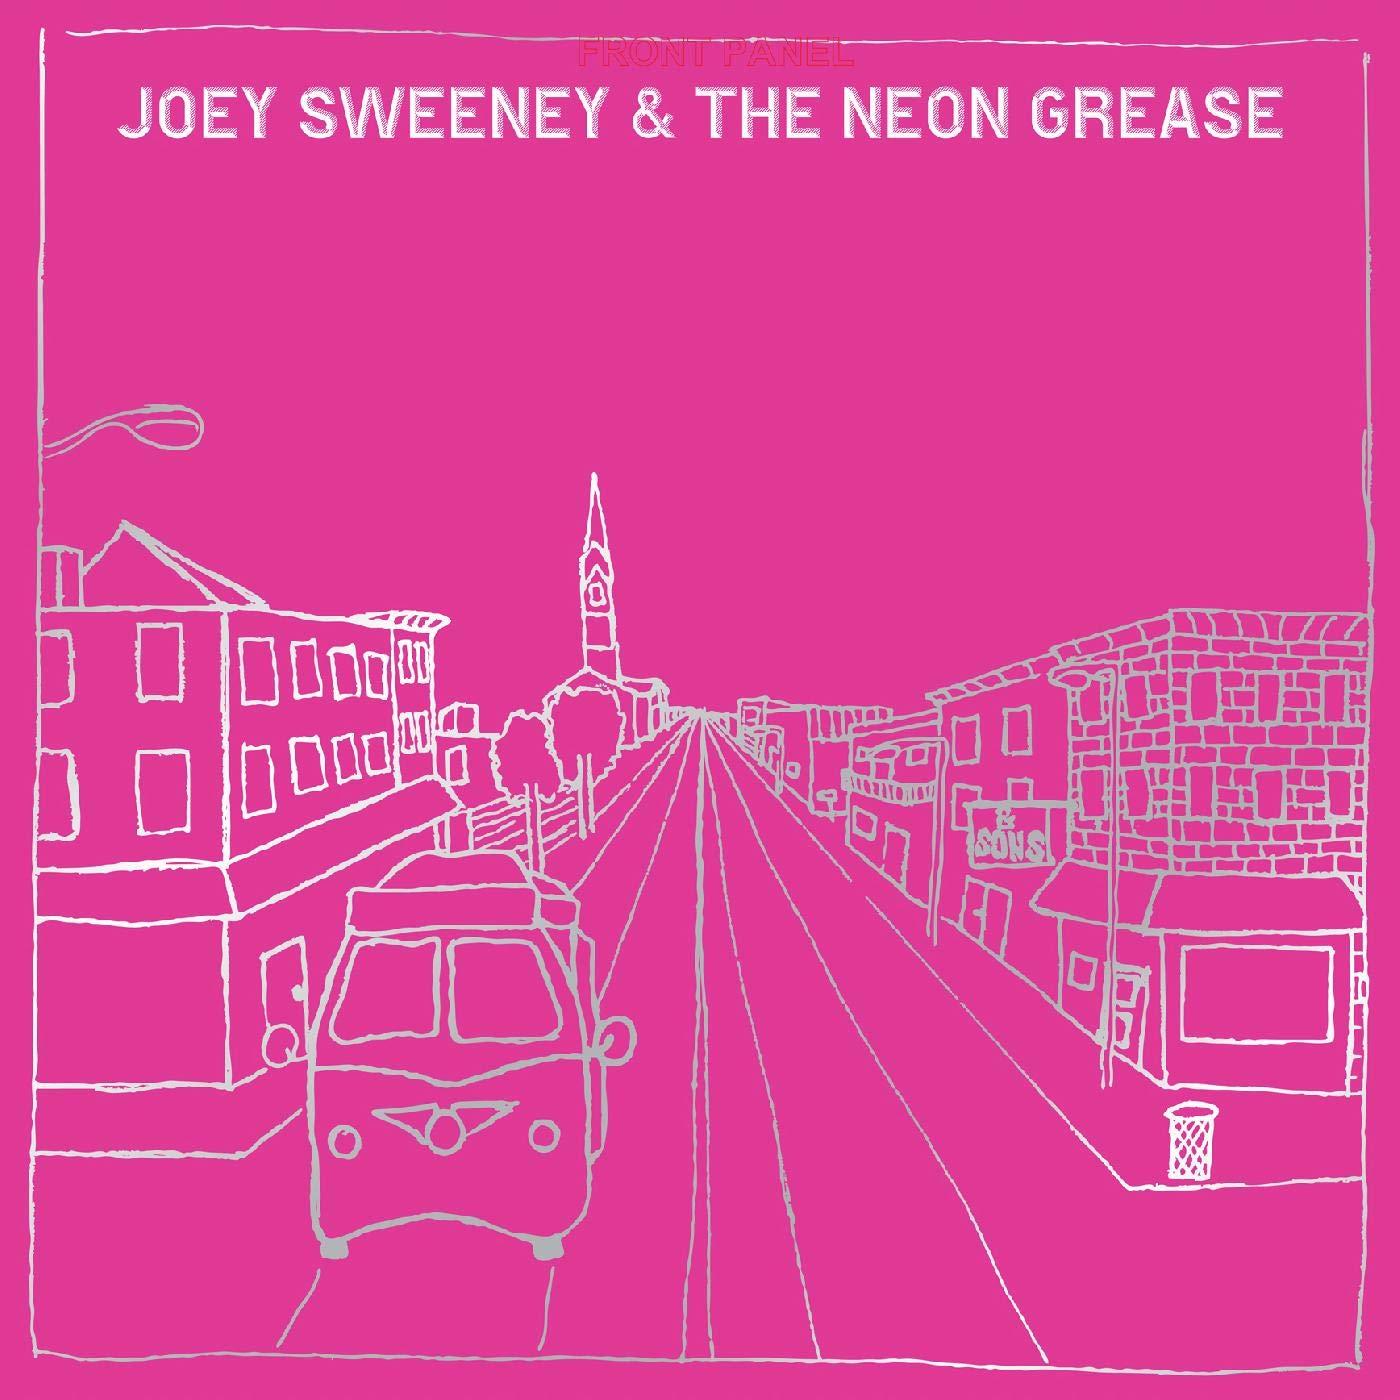 Joey & Neon Grease Sweeney - Catholic School